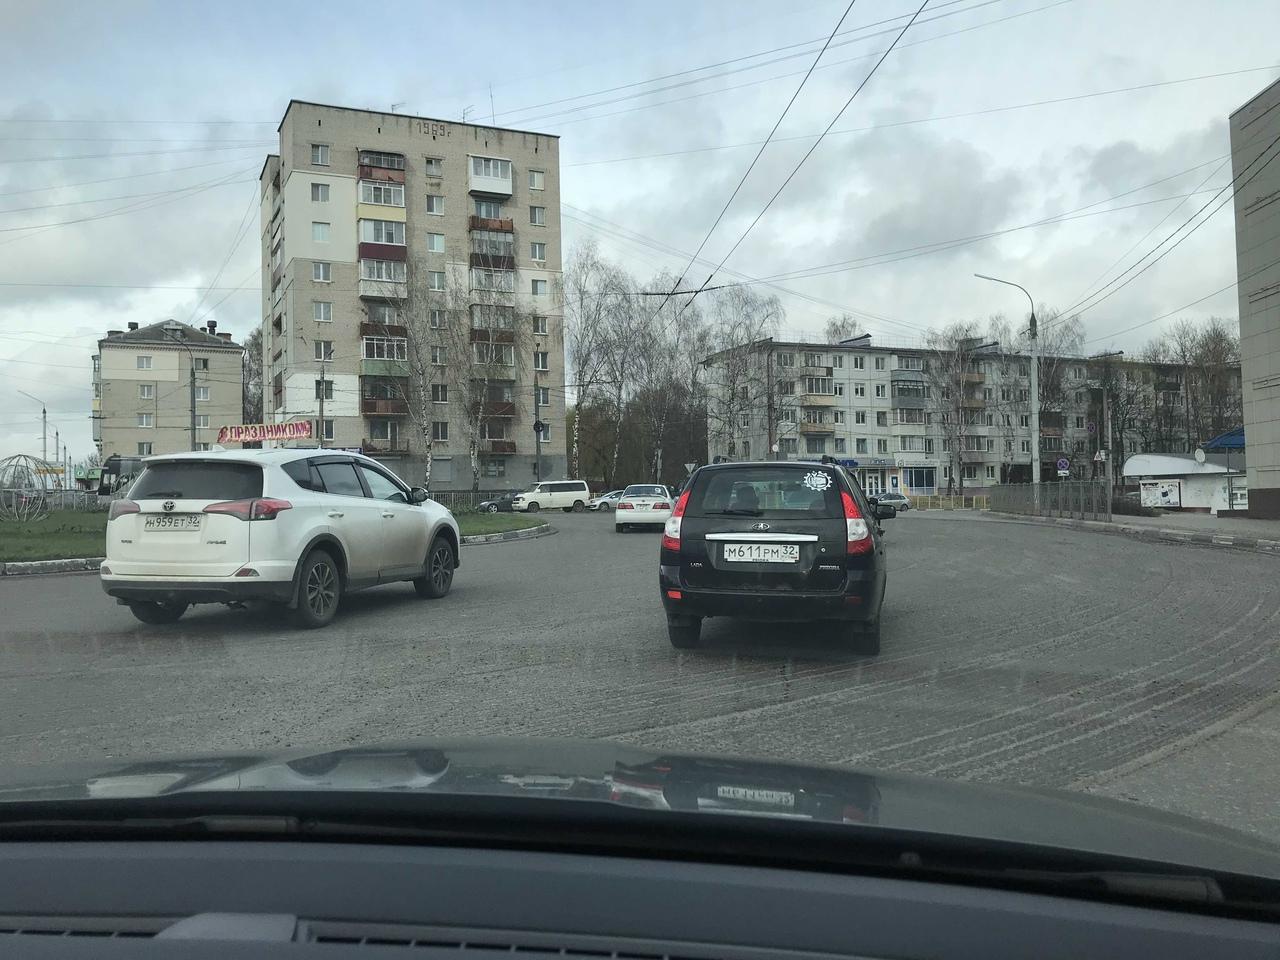 В Бежицком районе отремонтировали кольцевую развязку на улице Ульянова